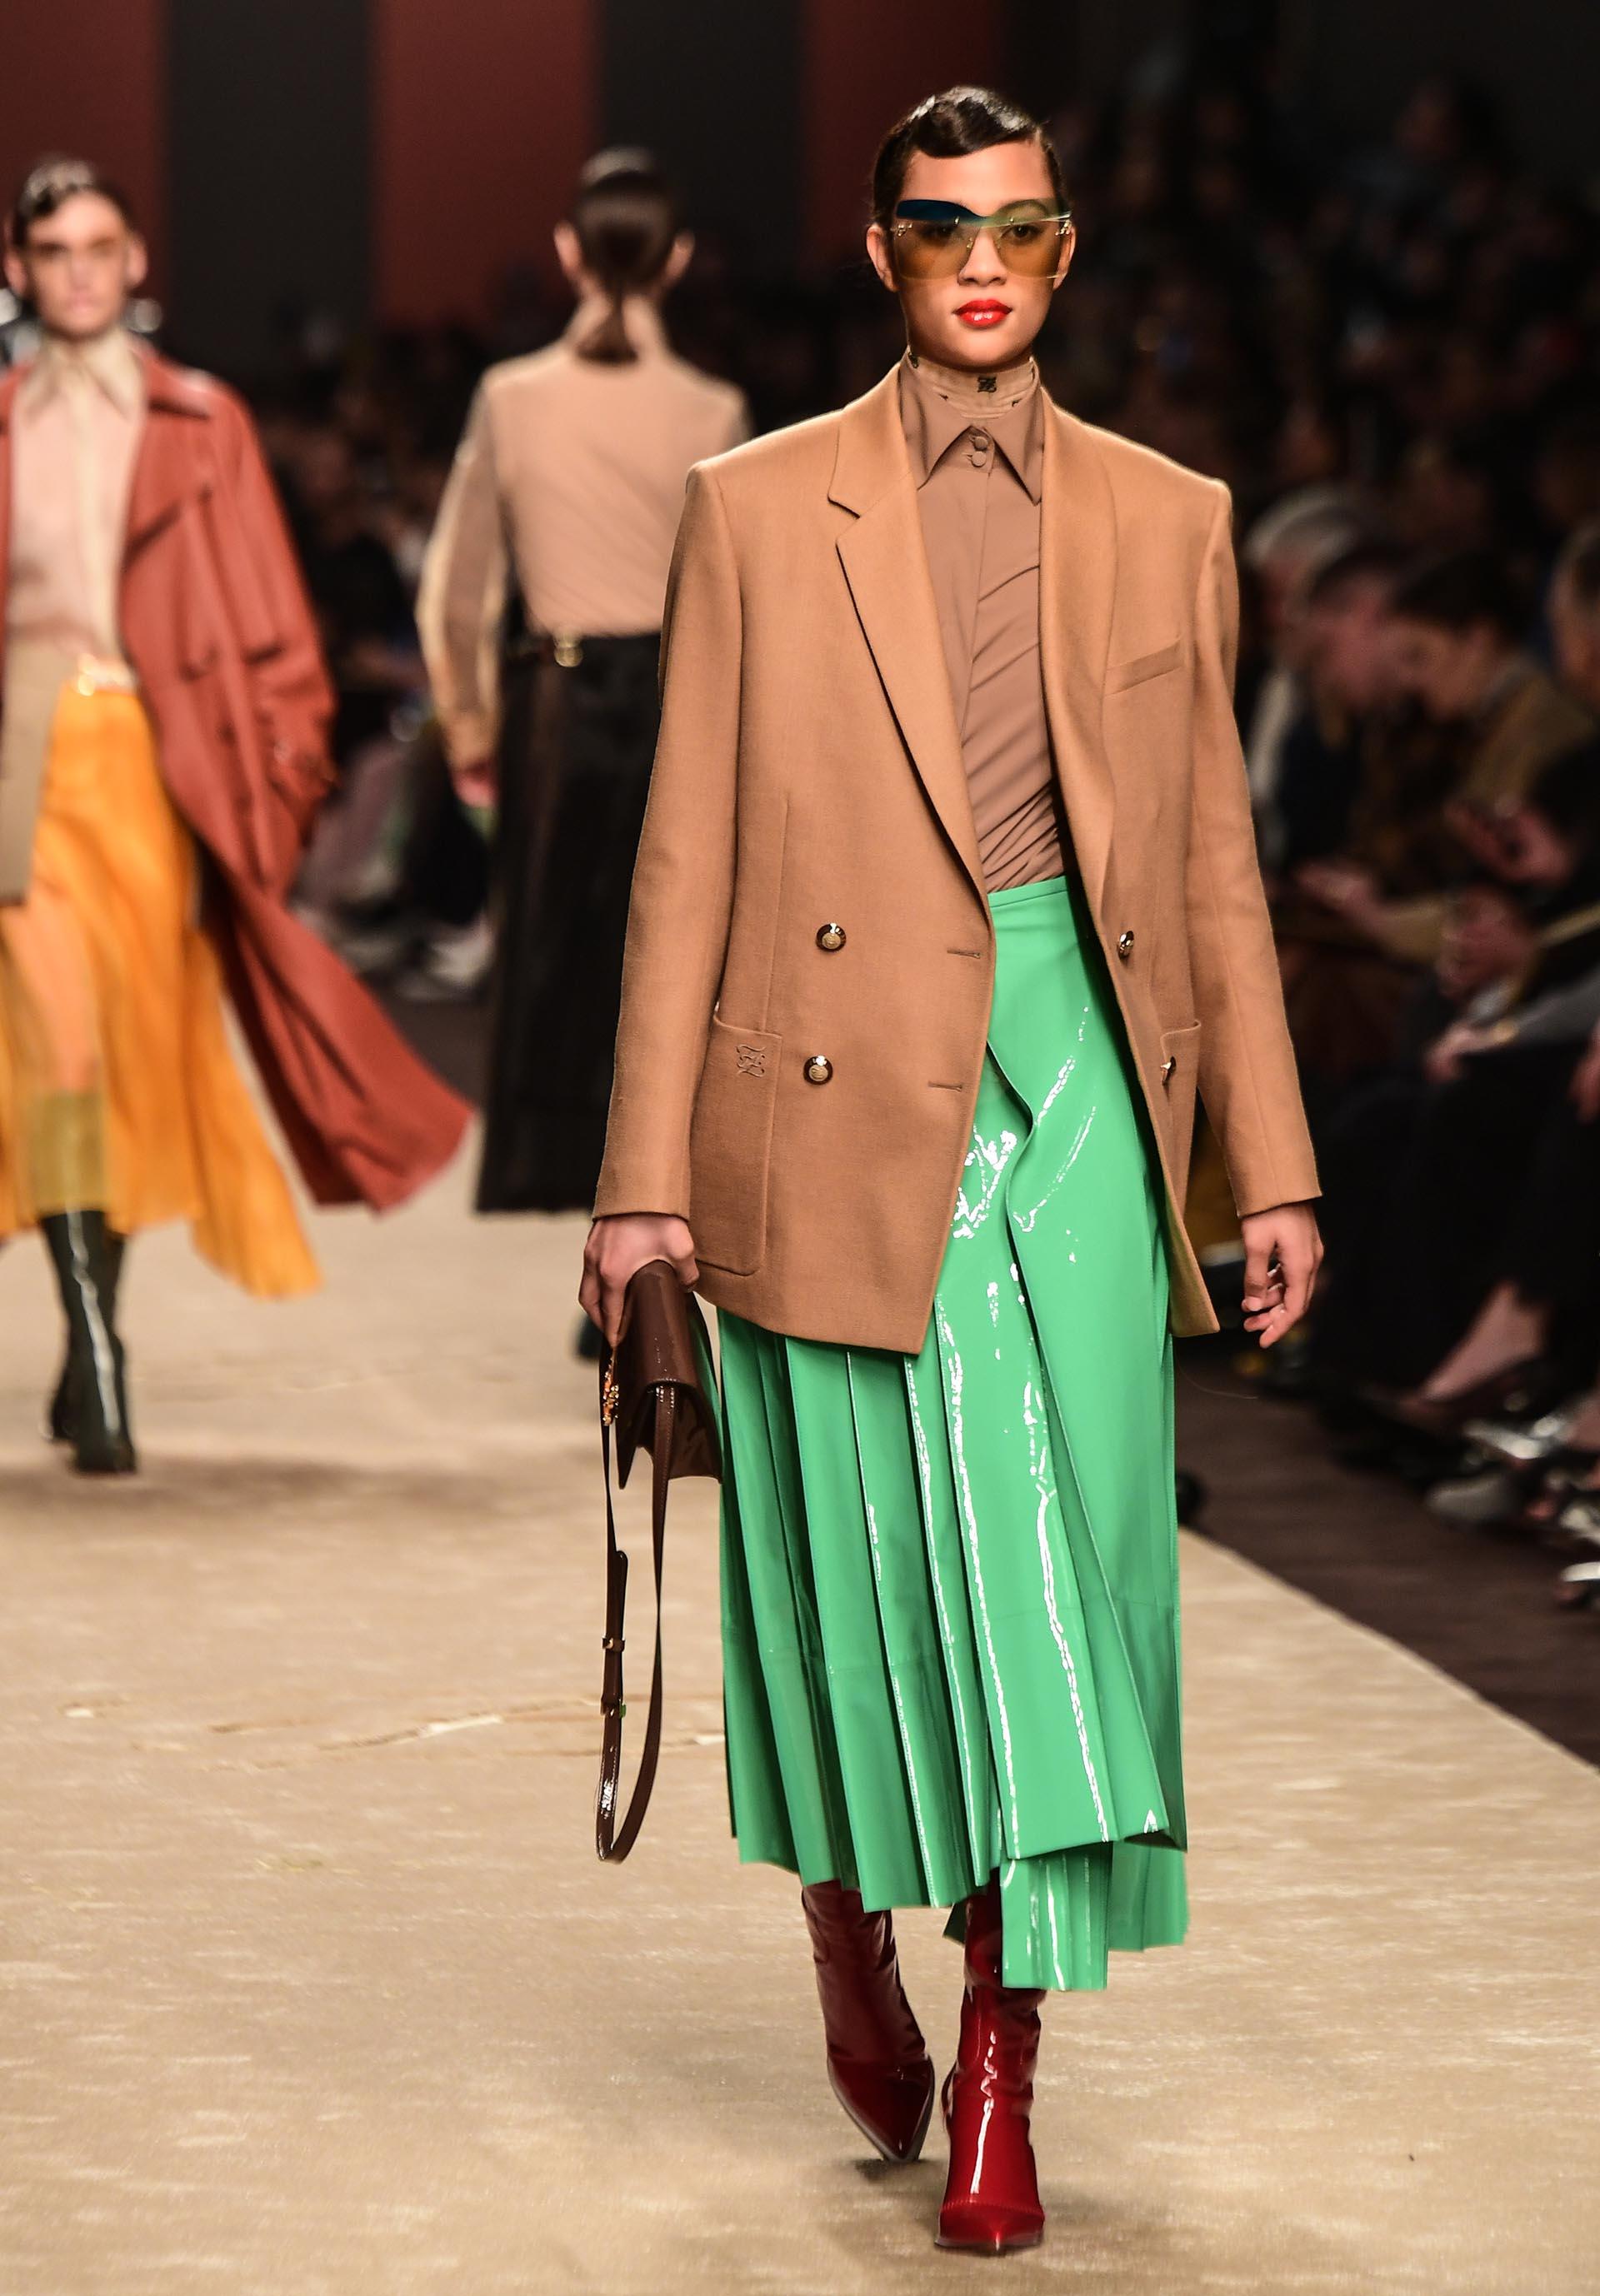 El vinilo, una tendencia que se hizo presente en toda la colección de Fendi y se vio reflejada en faldas, calzado, marroquinería, tapados y sacos